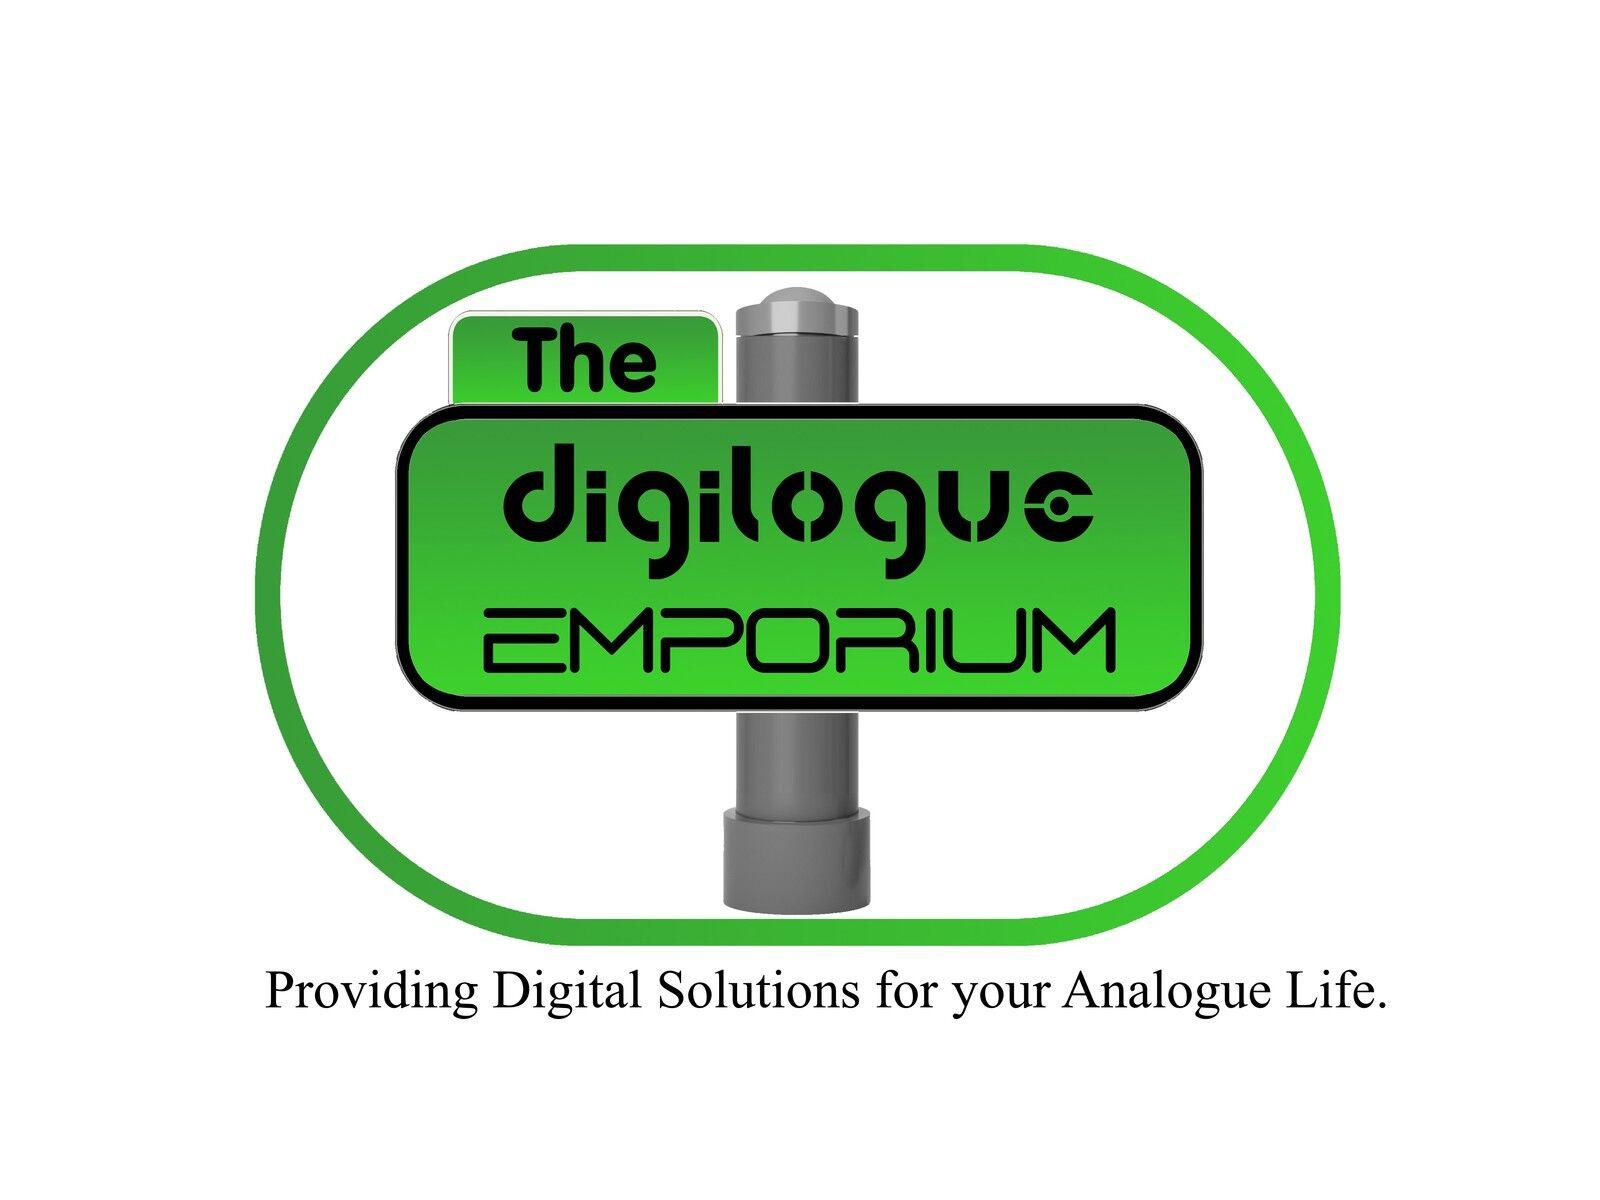 Digilogue Emporium